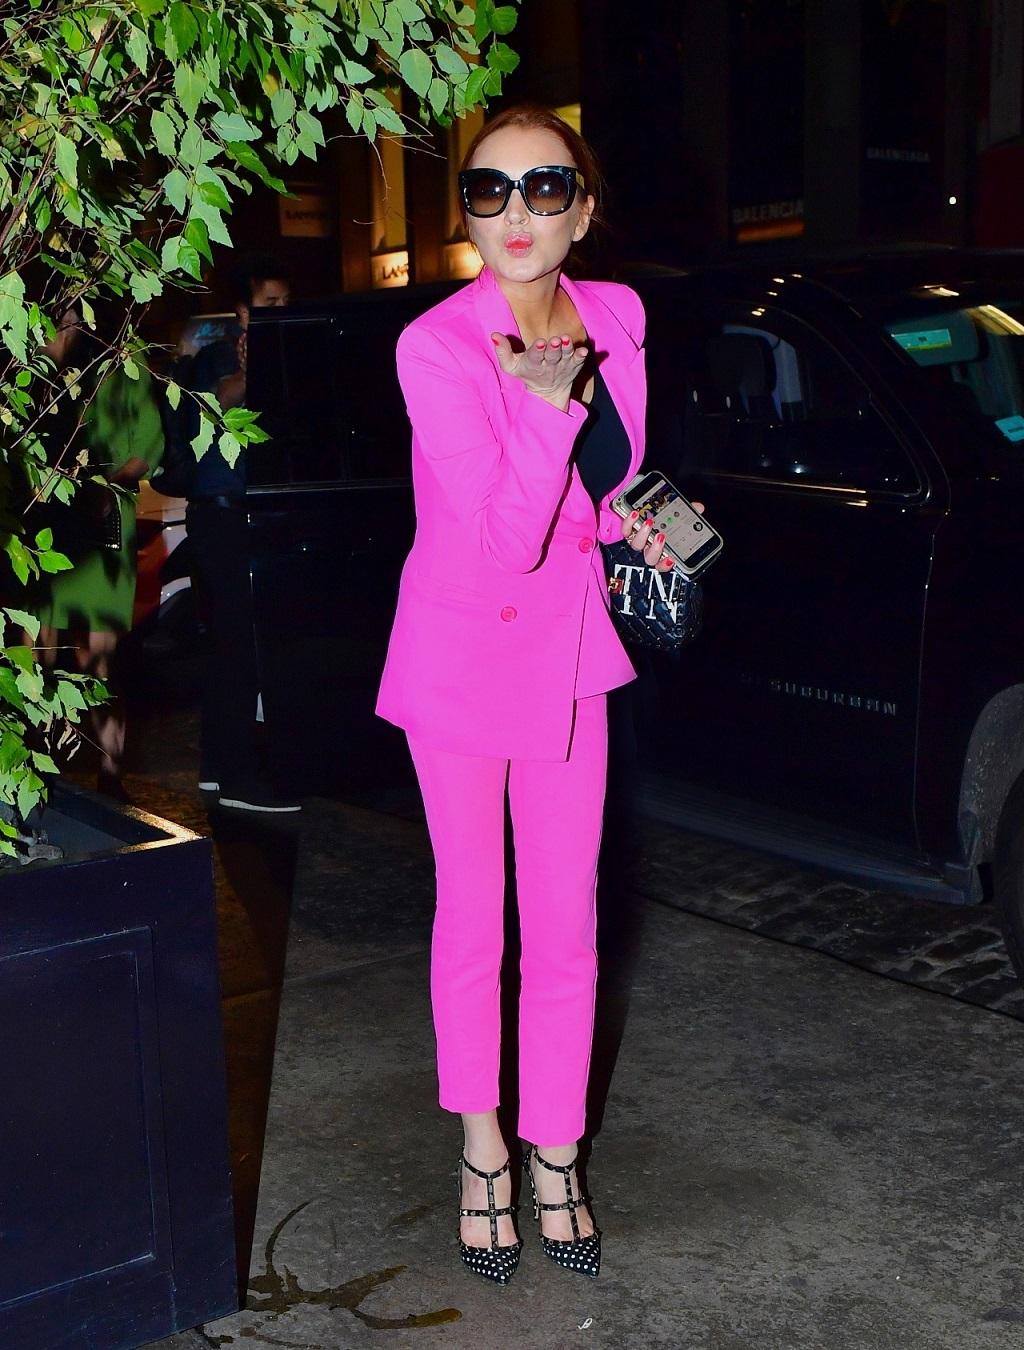 Lindsay Lohan w różowym garniturze przesyła całusa fotoreporterom.